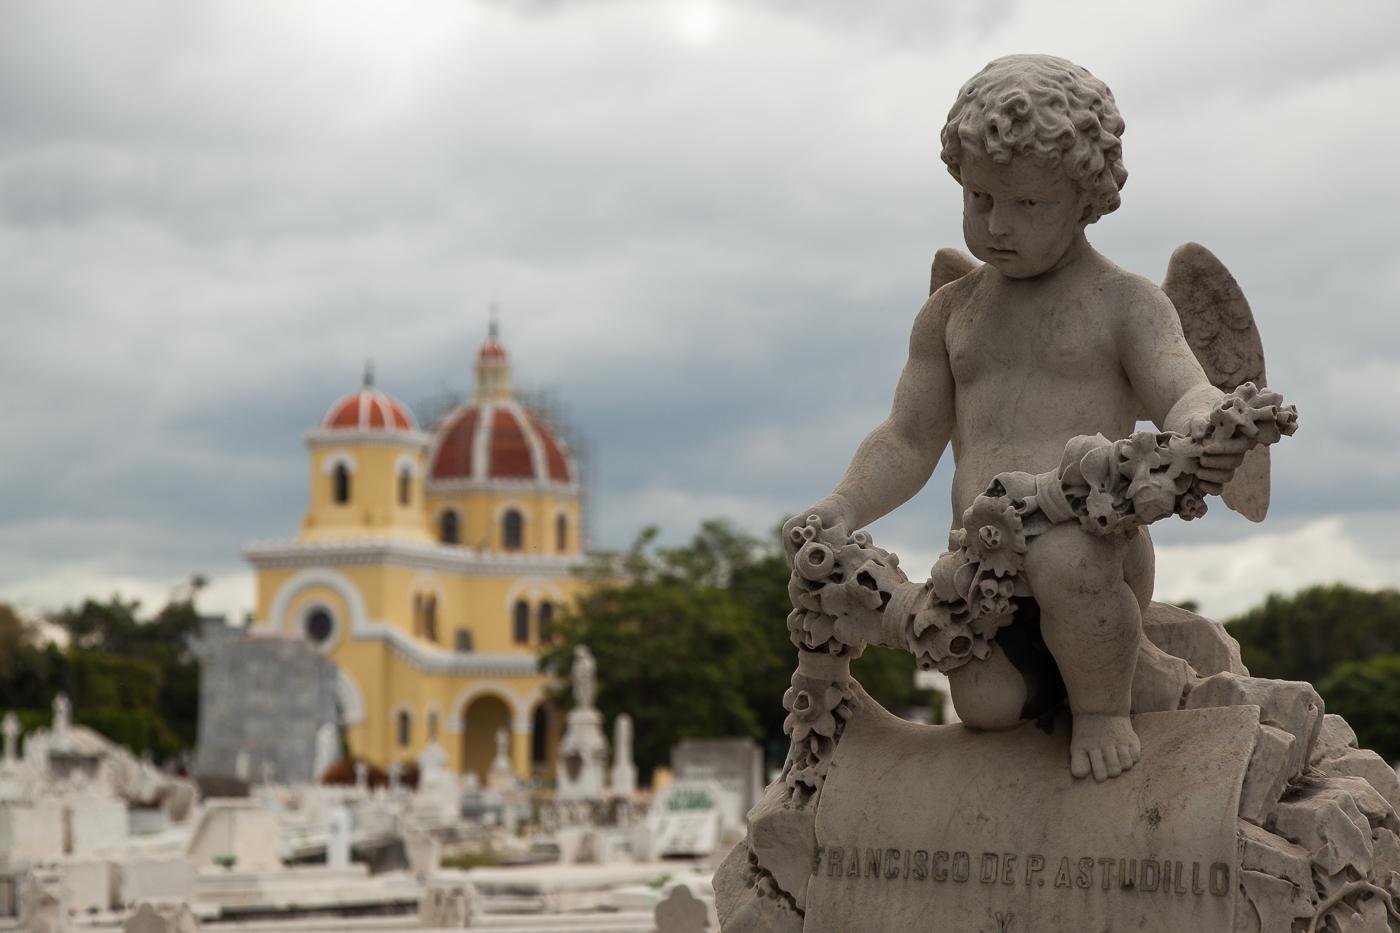 Columbus Cemetery, Havana